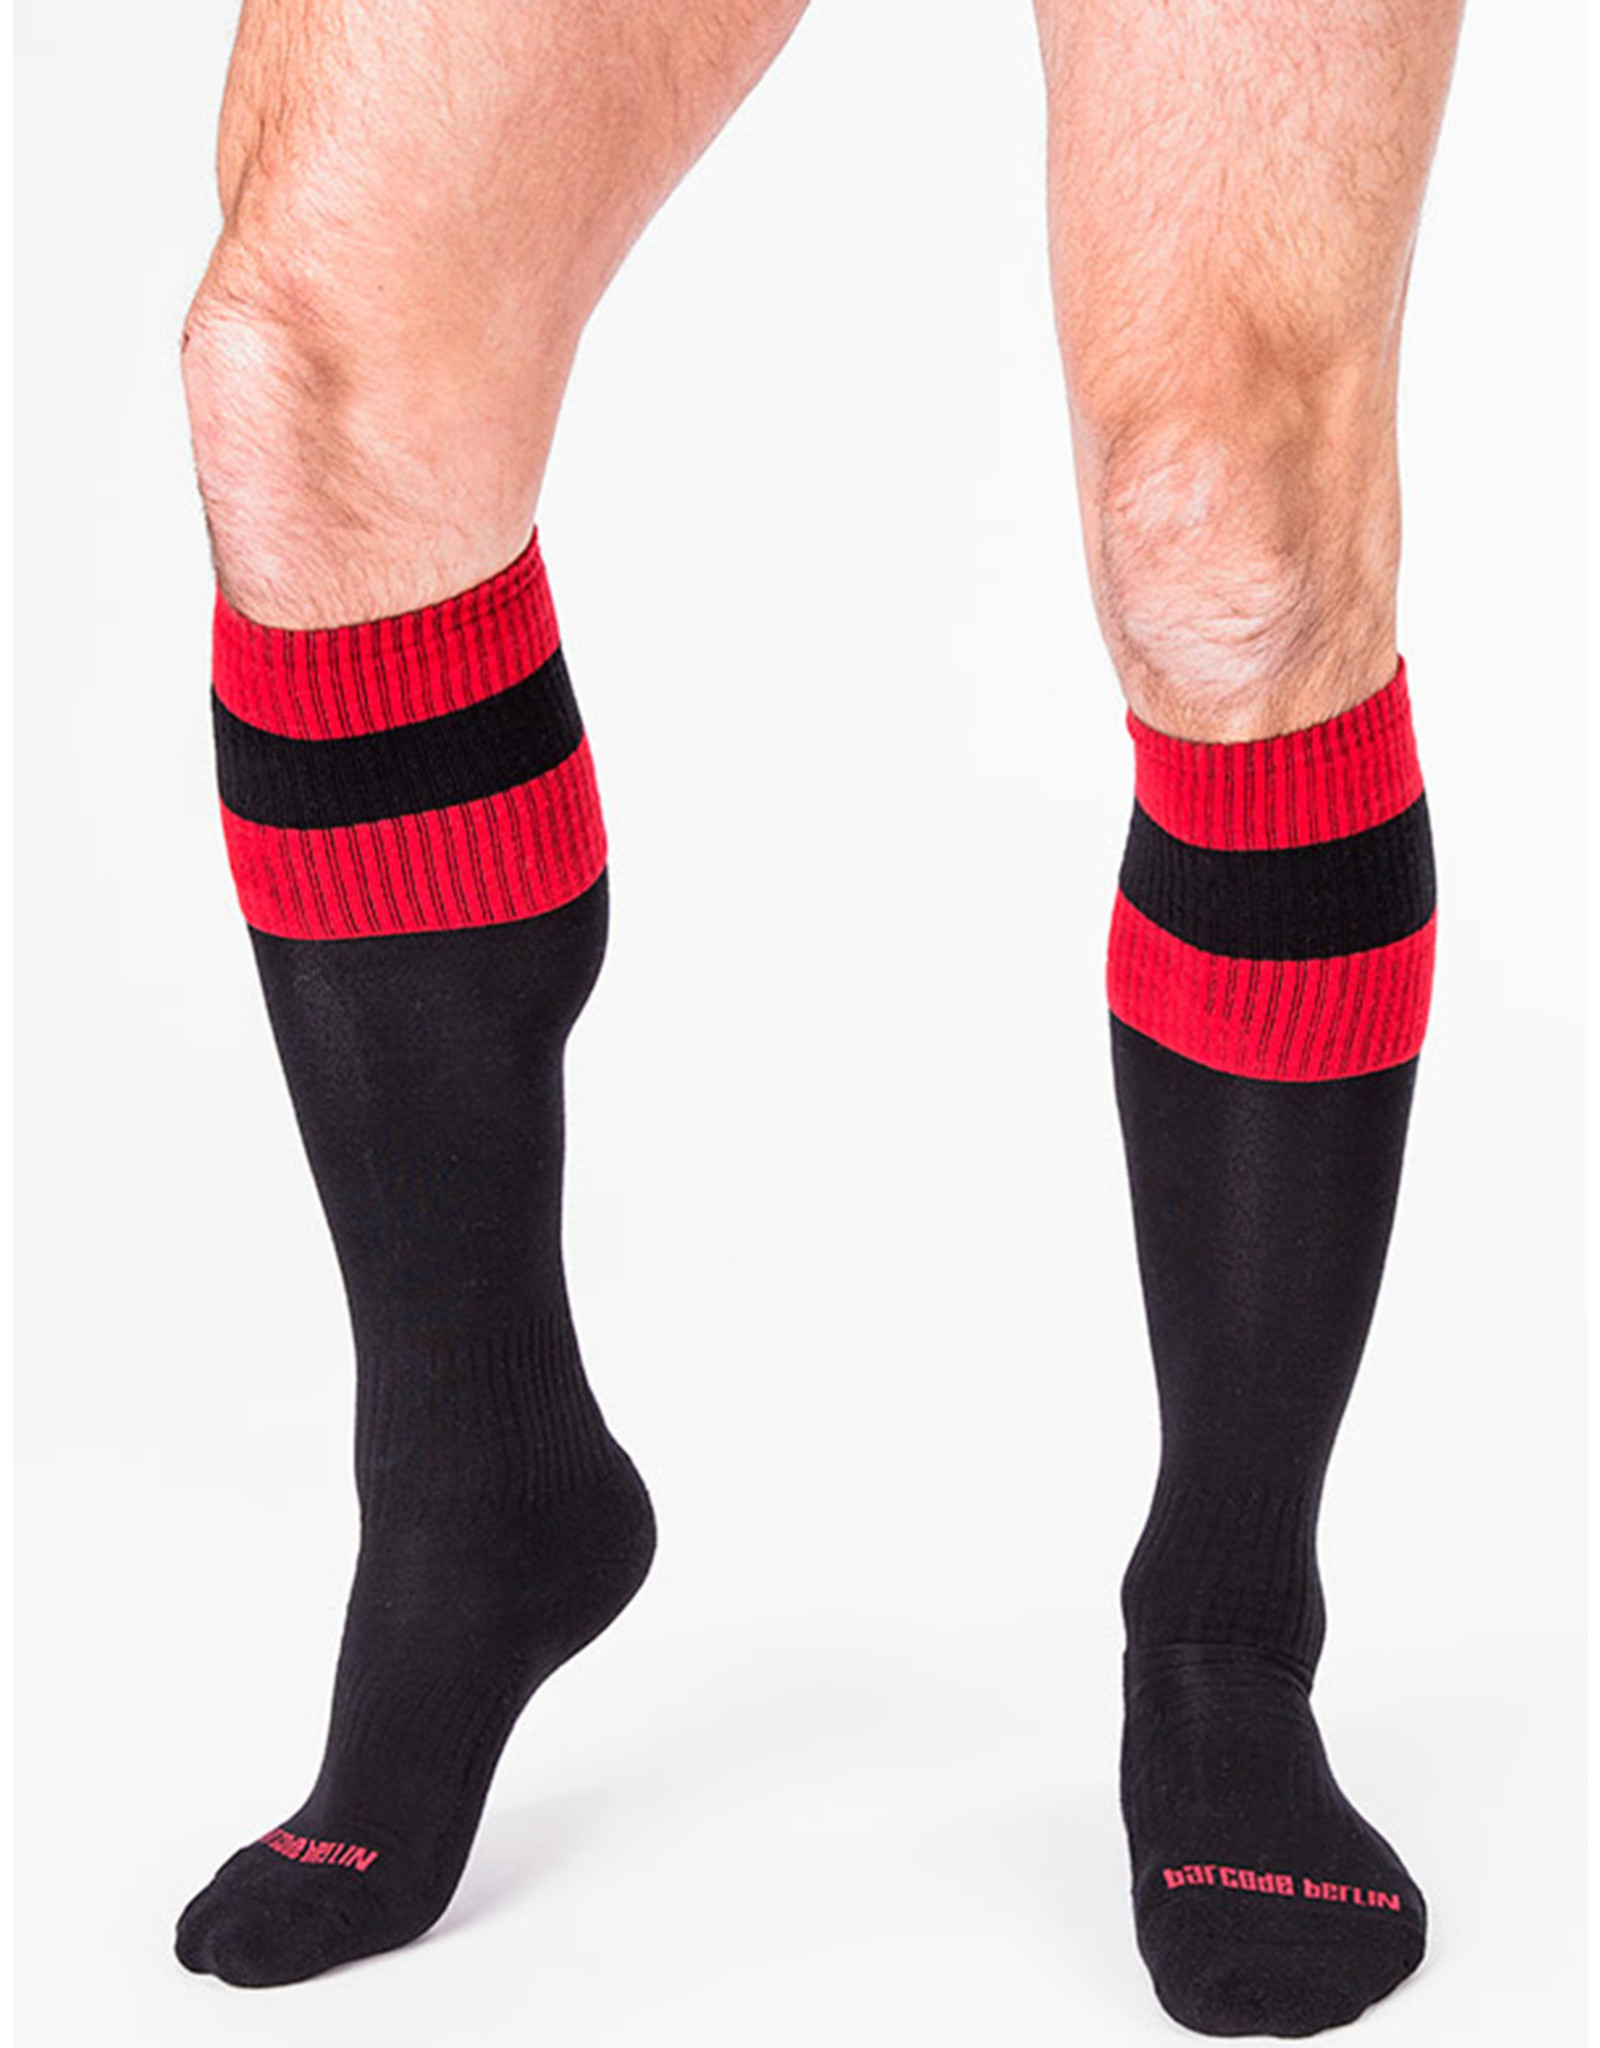 Barcode Berlin Barcode Berlin Football Socks noir - rouge